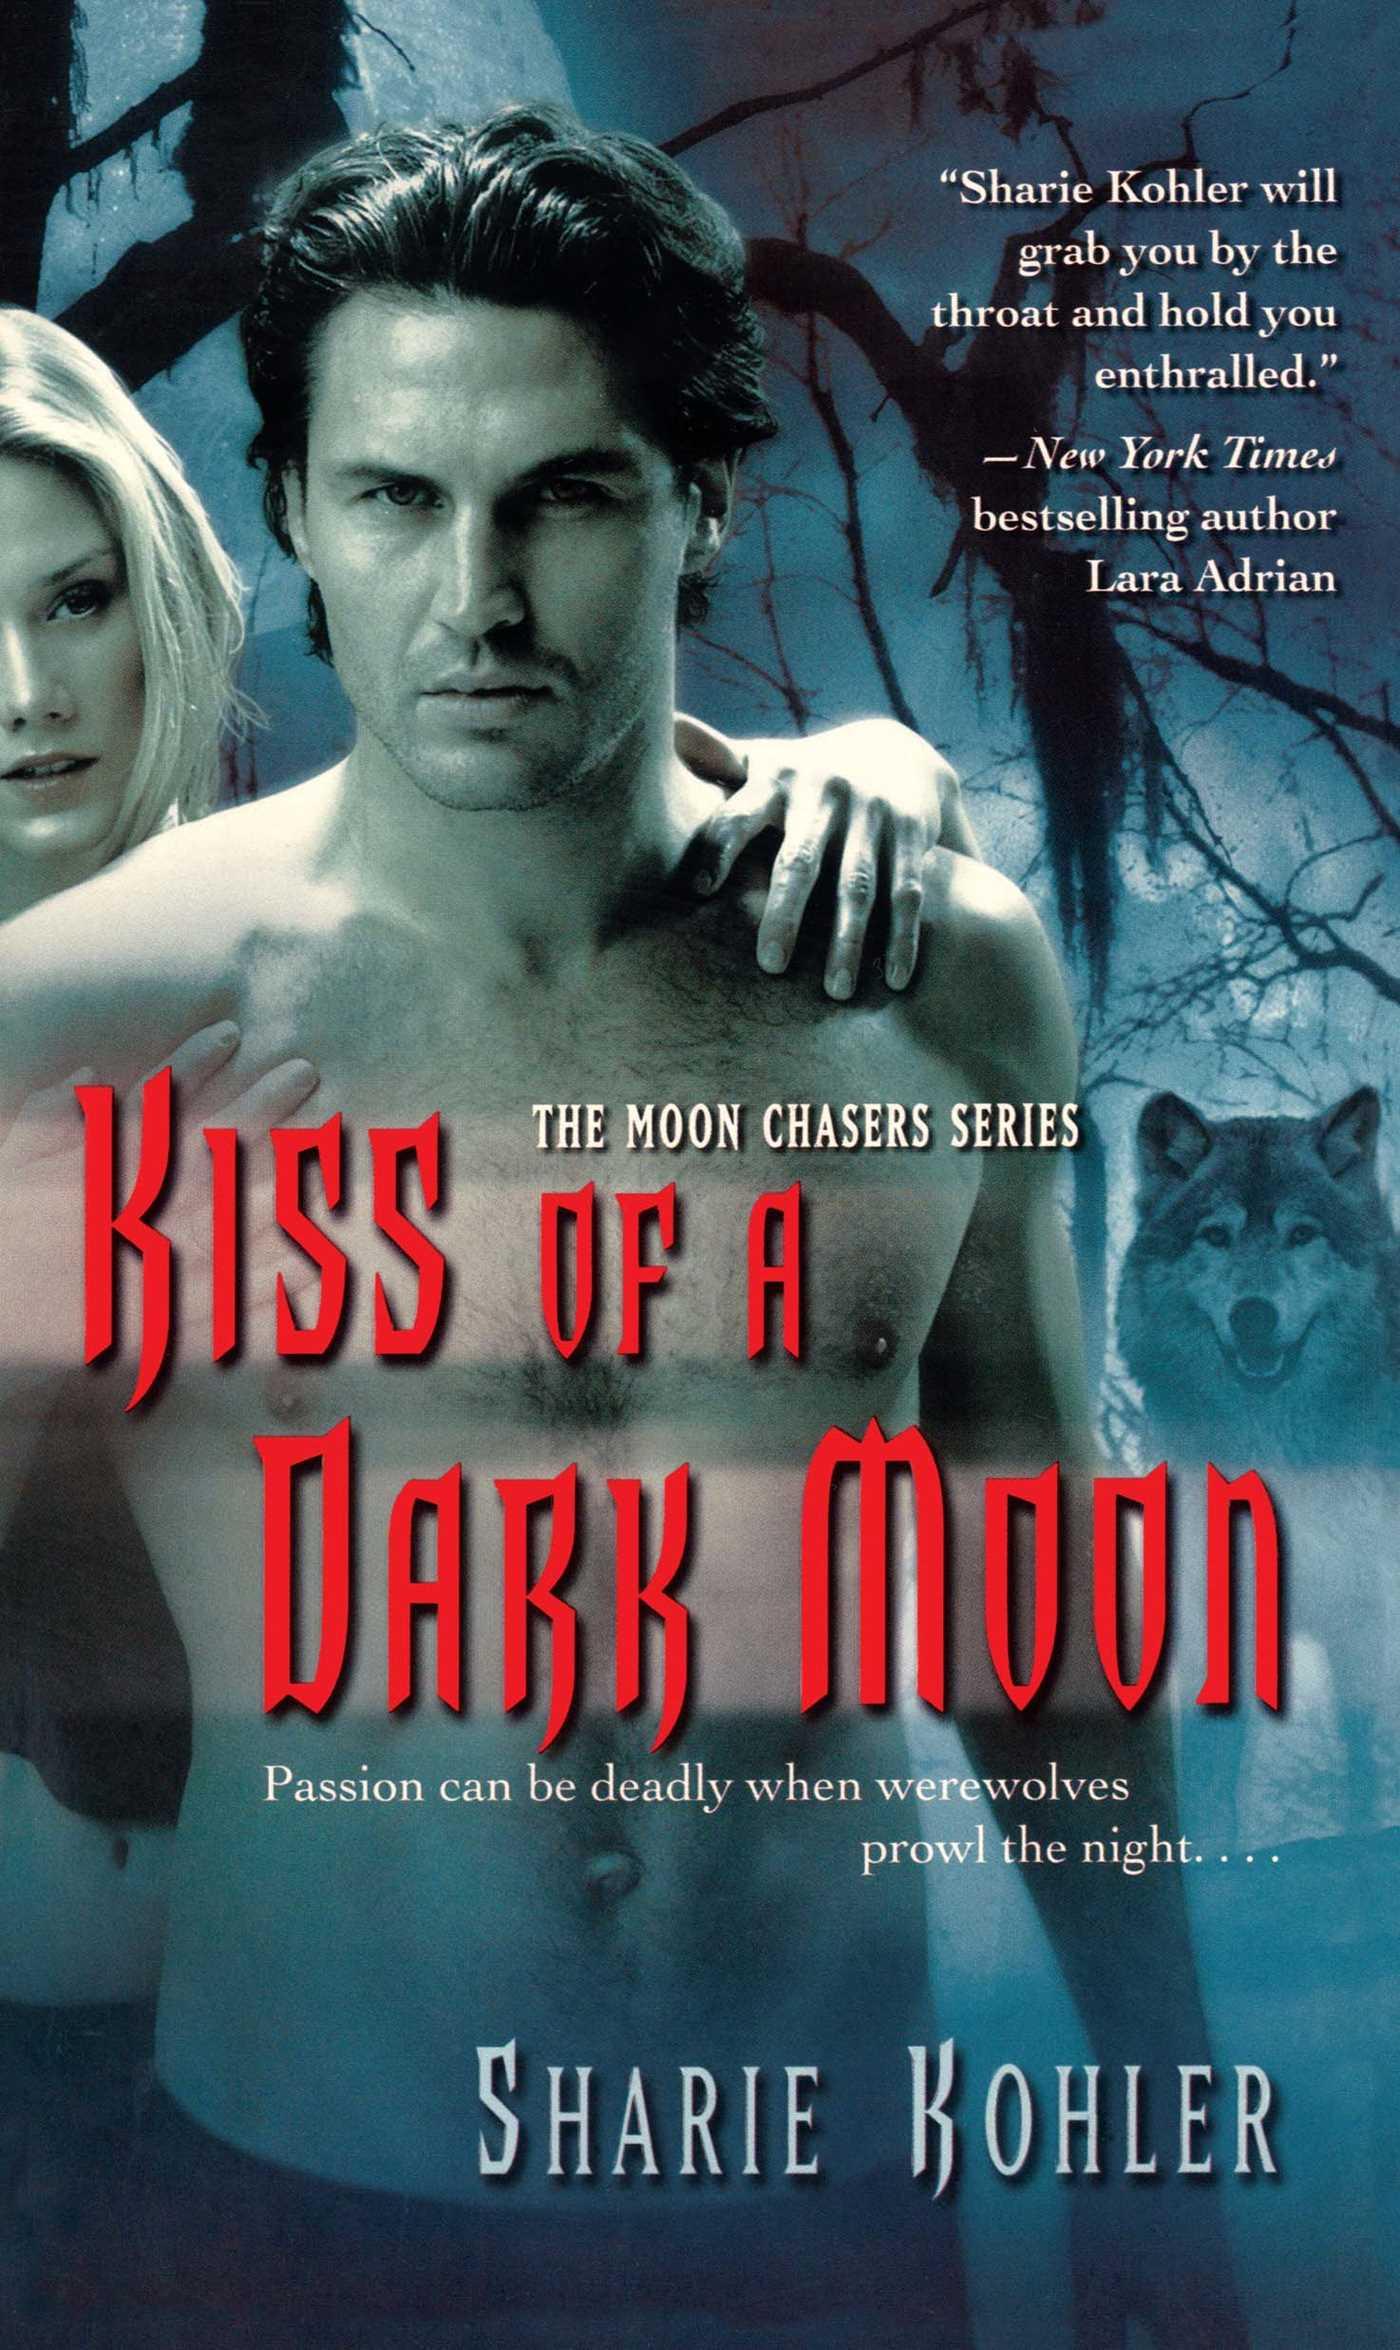 Kiss of a dark moon 9781501104374 hr